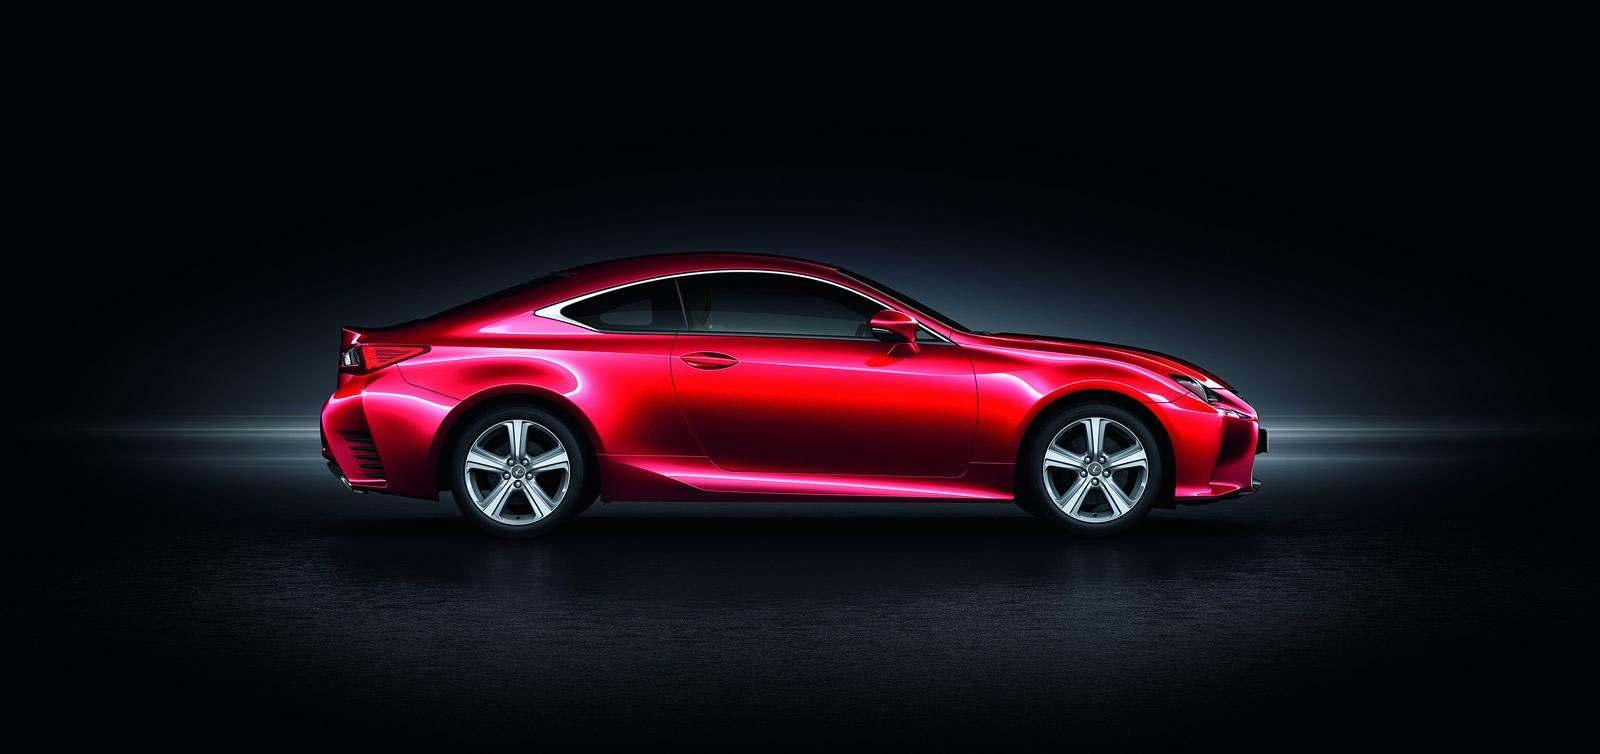 [Image: S0-Lexus-presente-le-coupe-RC-200t-358791.jpg]